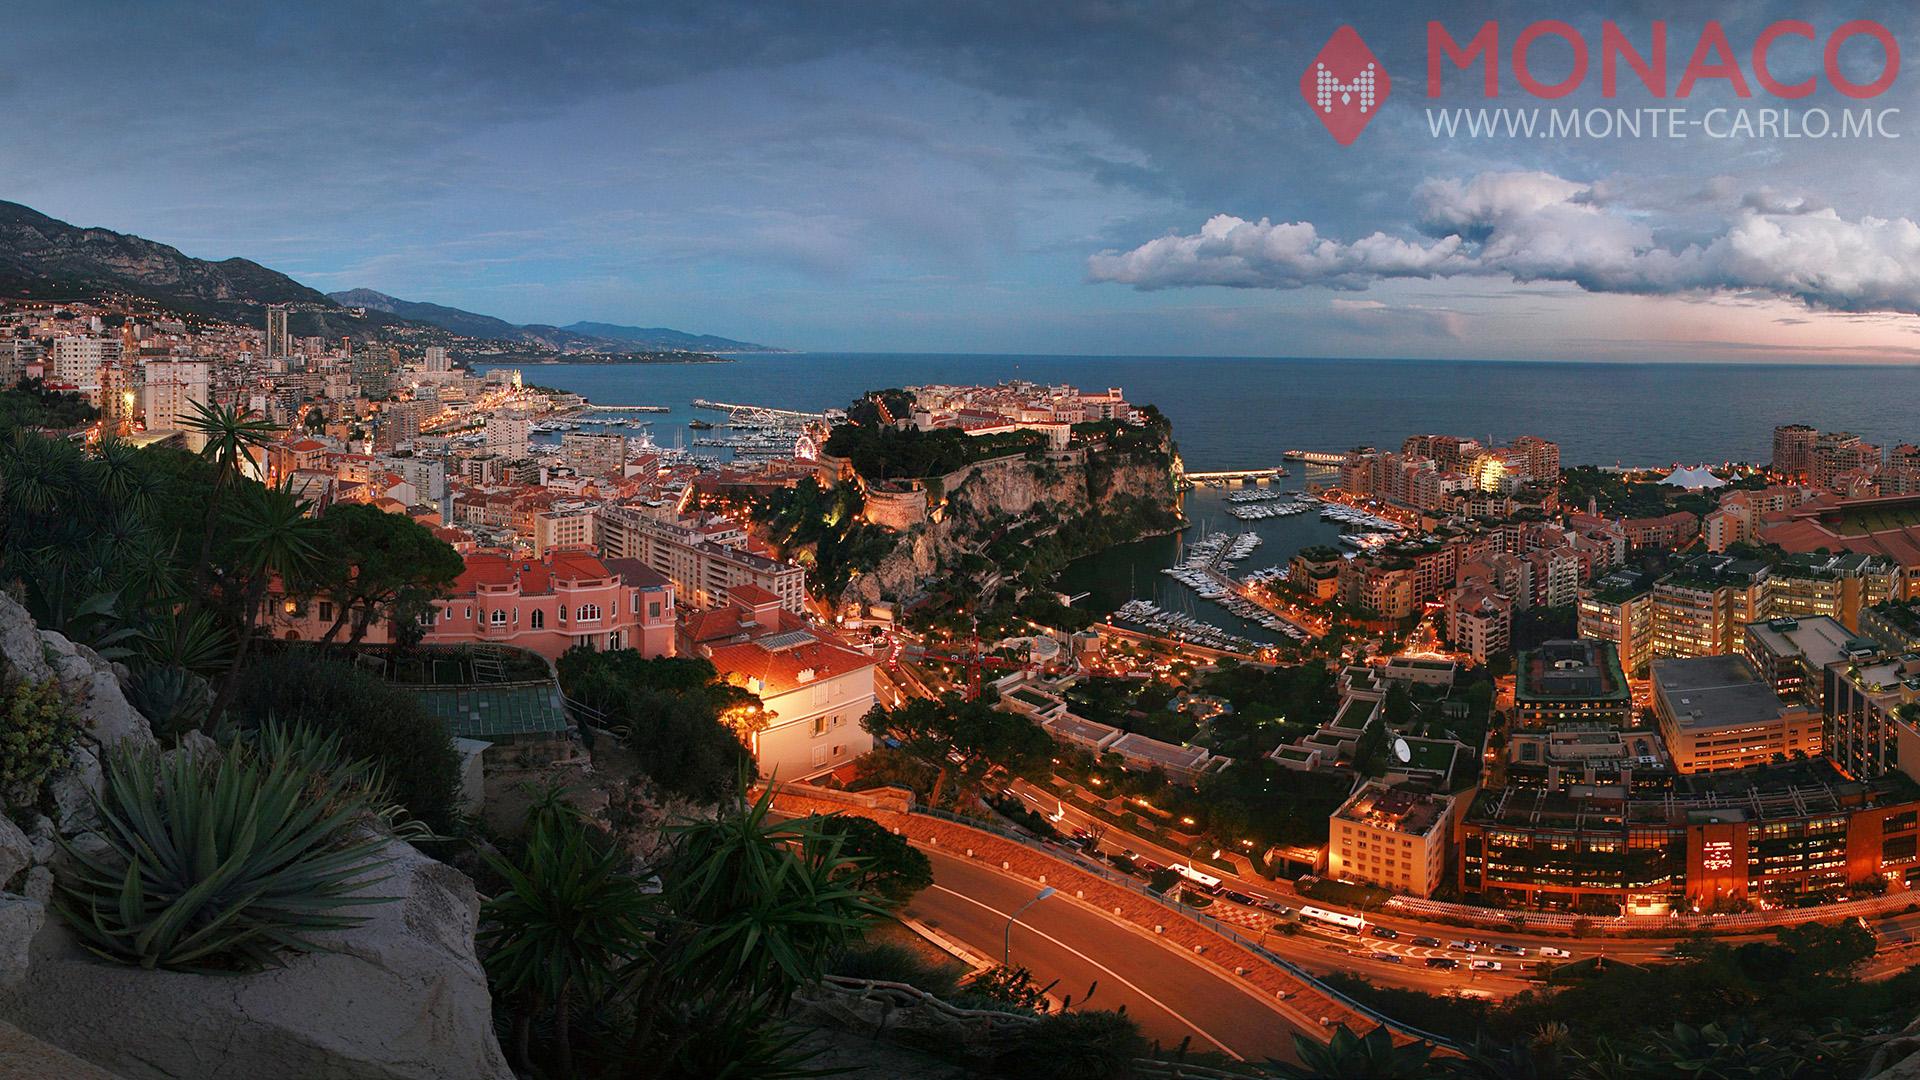 Fonds d 39 cran monaco monaco monte carlo for Photo de ecran